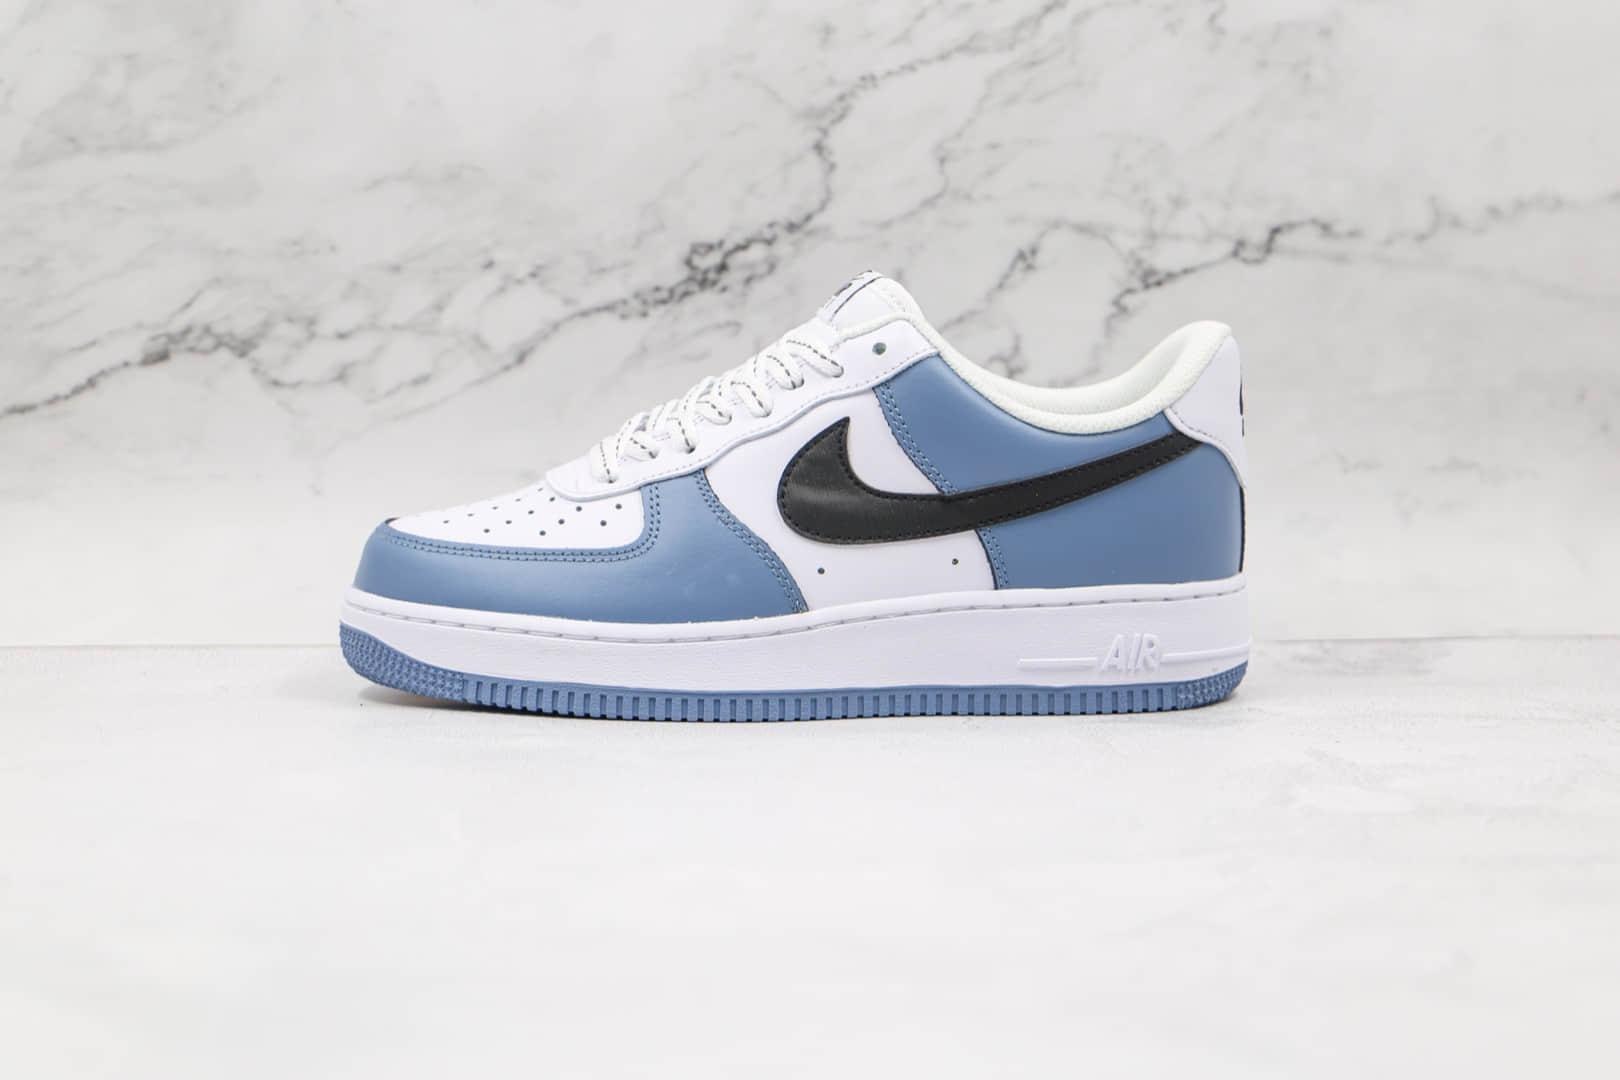 耐克Nike Air Force 1 07 Low纯原版本低帮空军一号天晴蓝黑勾板鞋内置气垫 货号:CQ5059-109